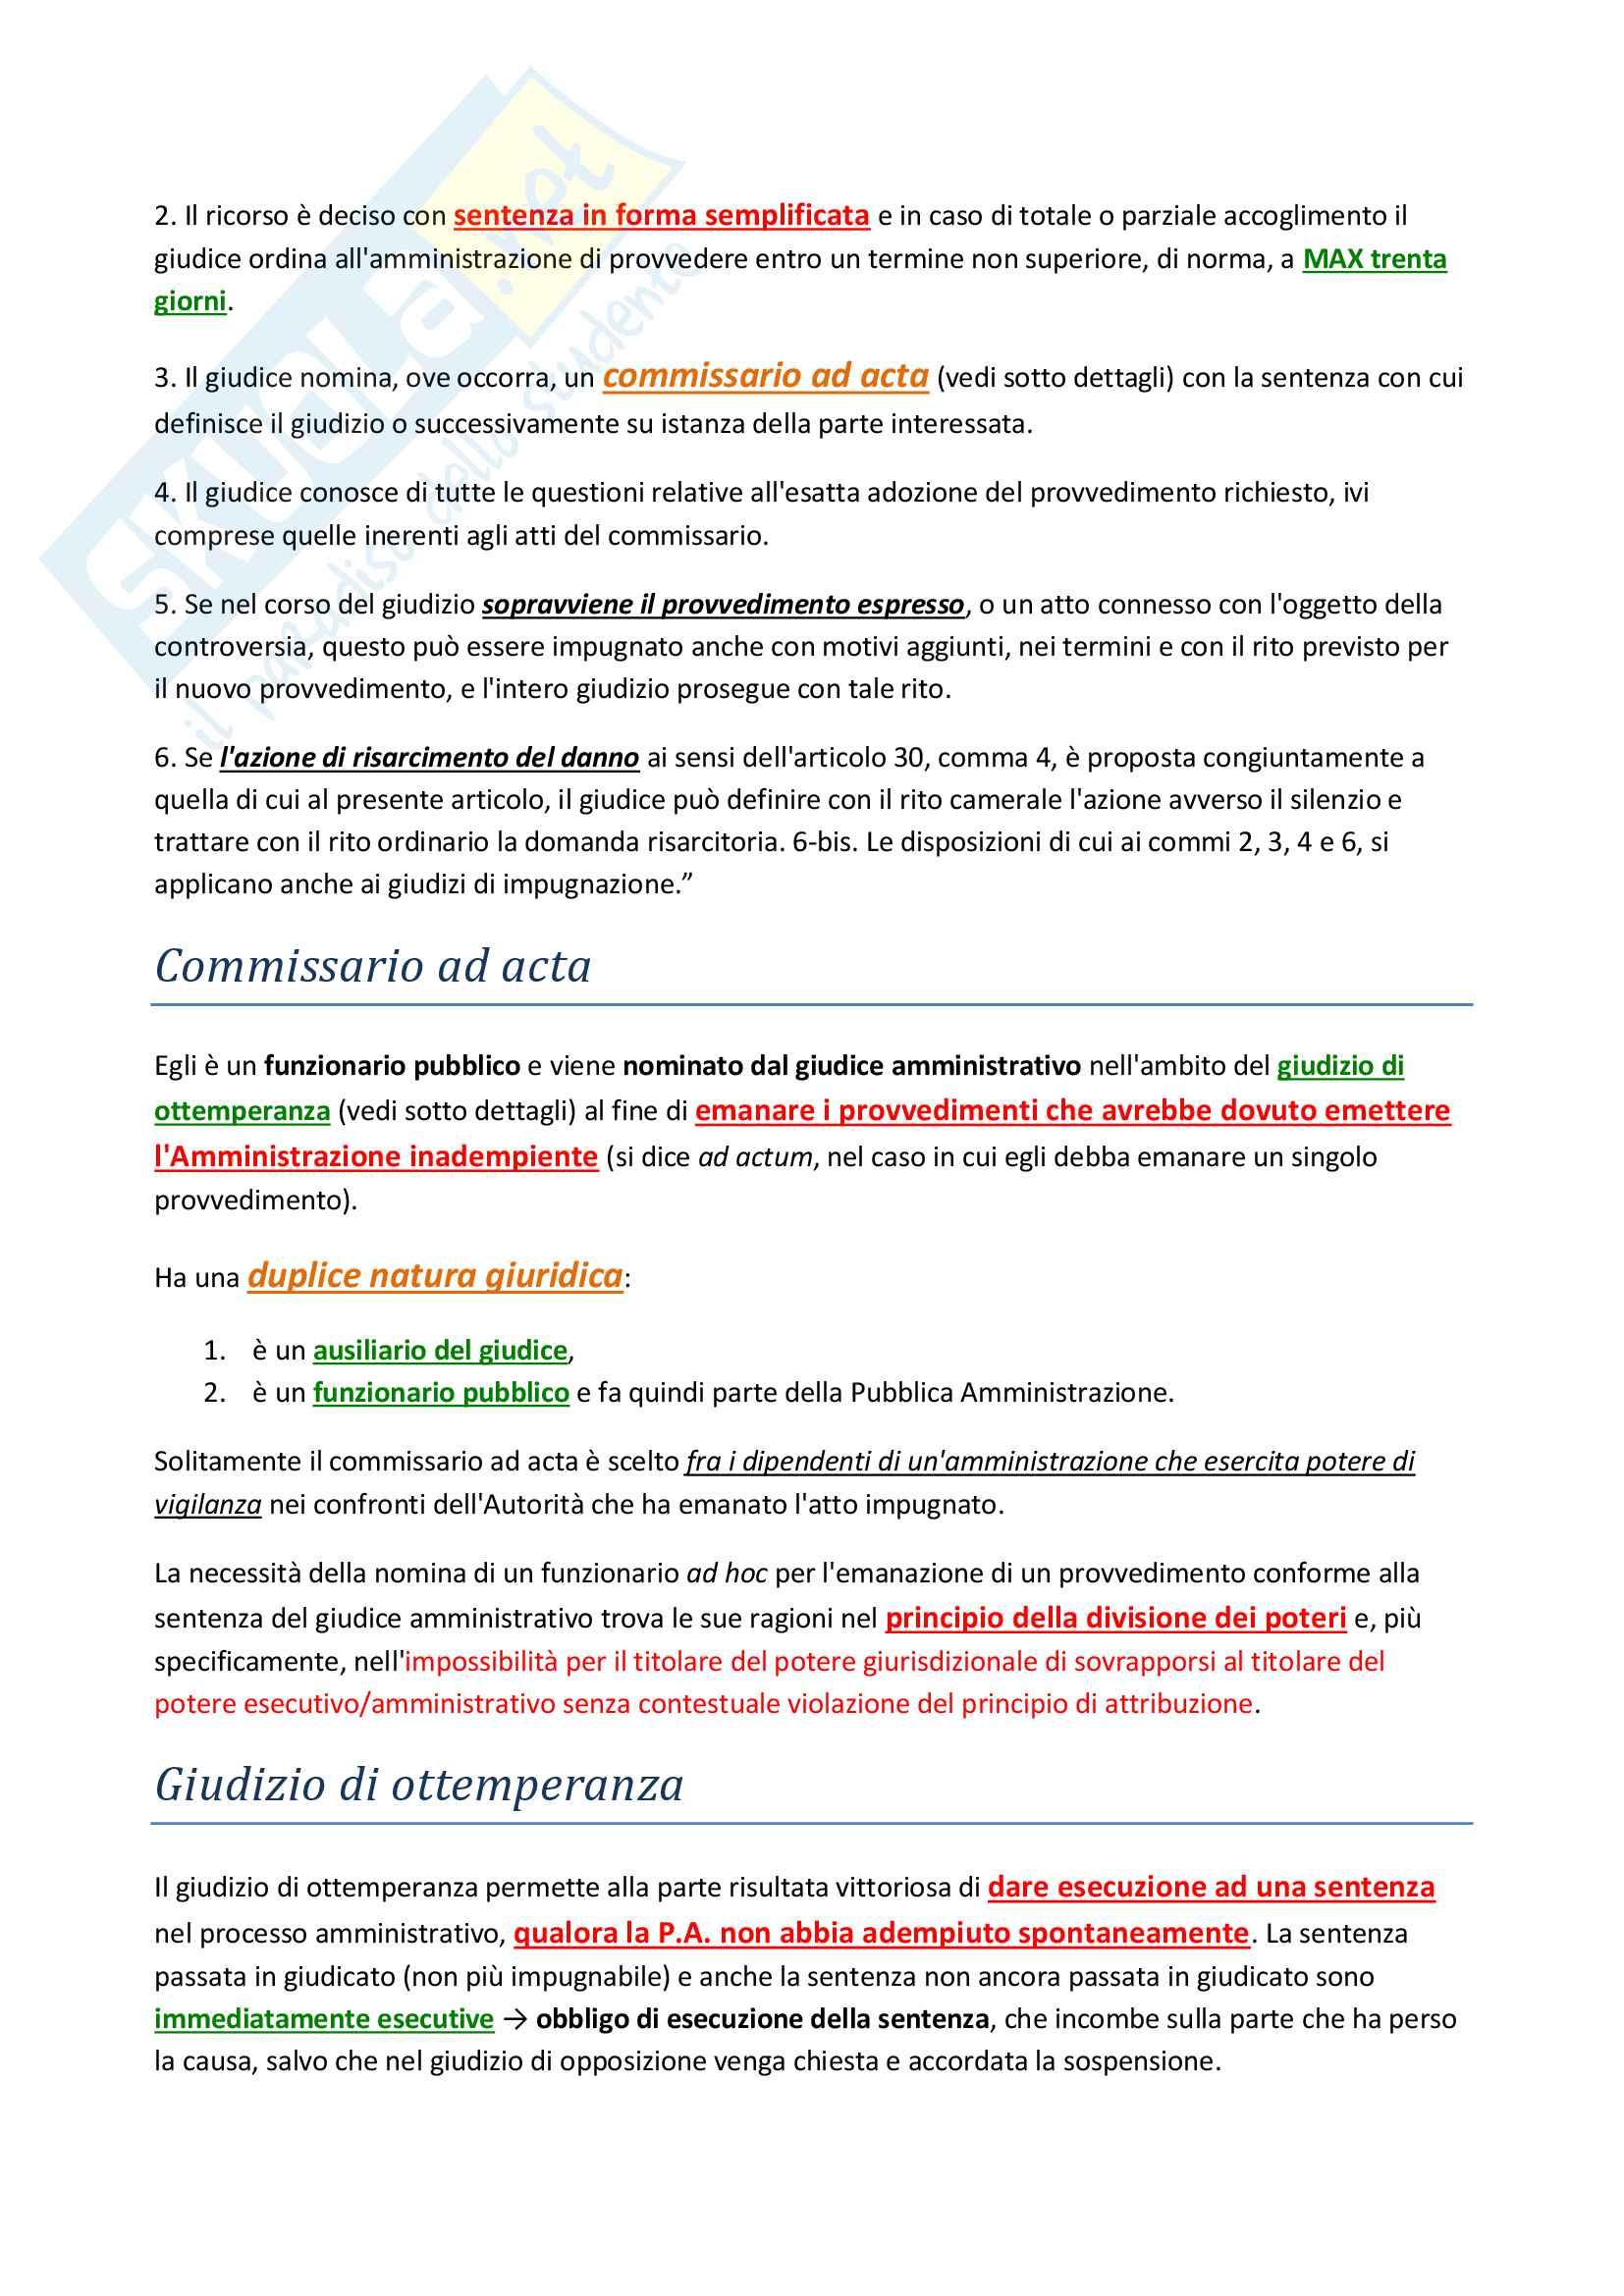 Appunti Amministrativo 2 - Prof. Acquarone + Domande esame tipiche Pag. 11